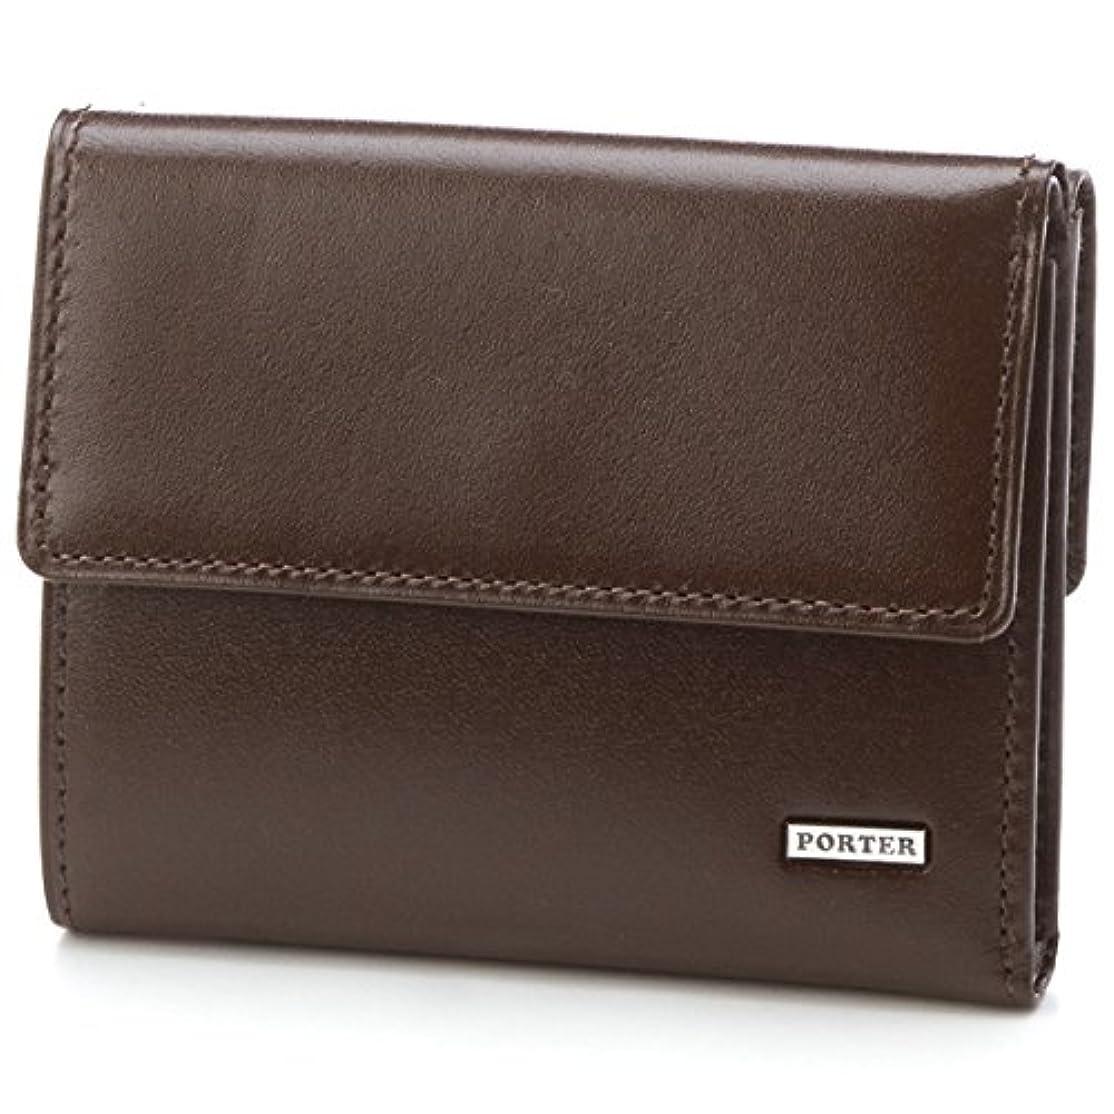 致死サンプルスマッシュポーター(PORTER) ポーター シーン ウォレット 二つ折り財布(110-02971)